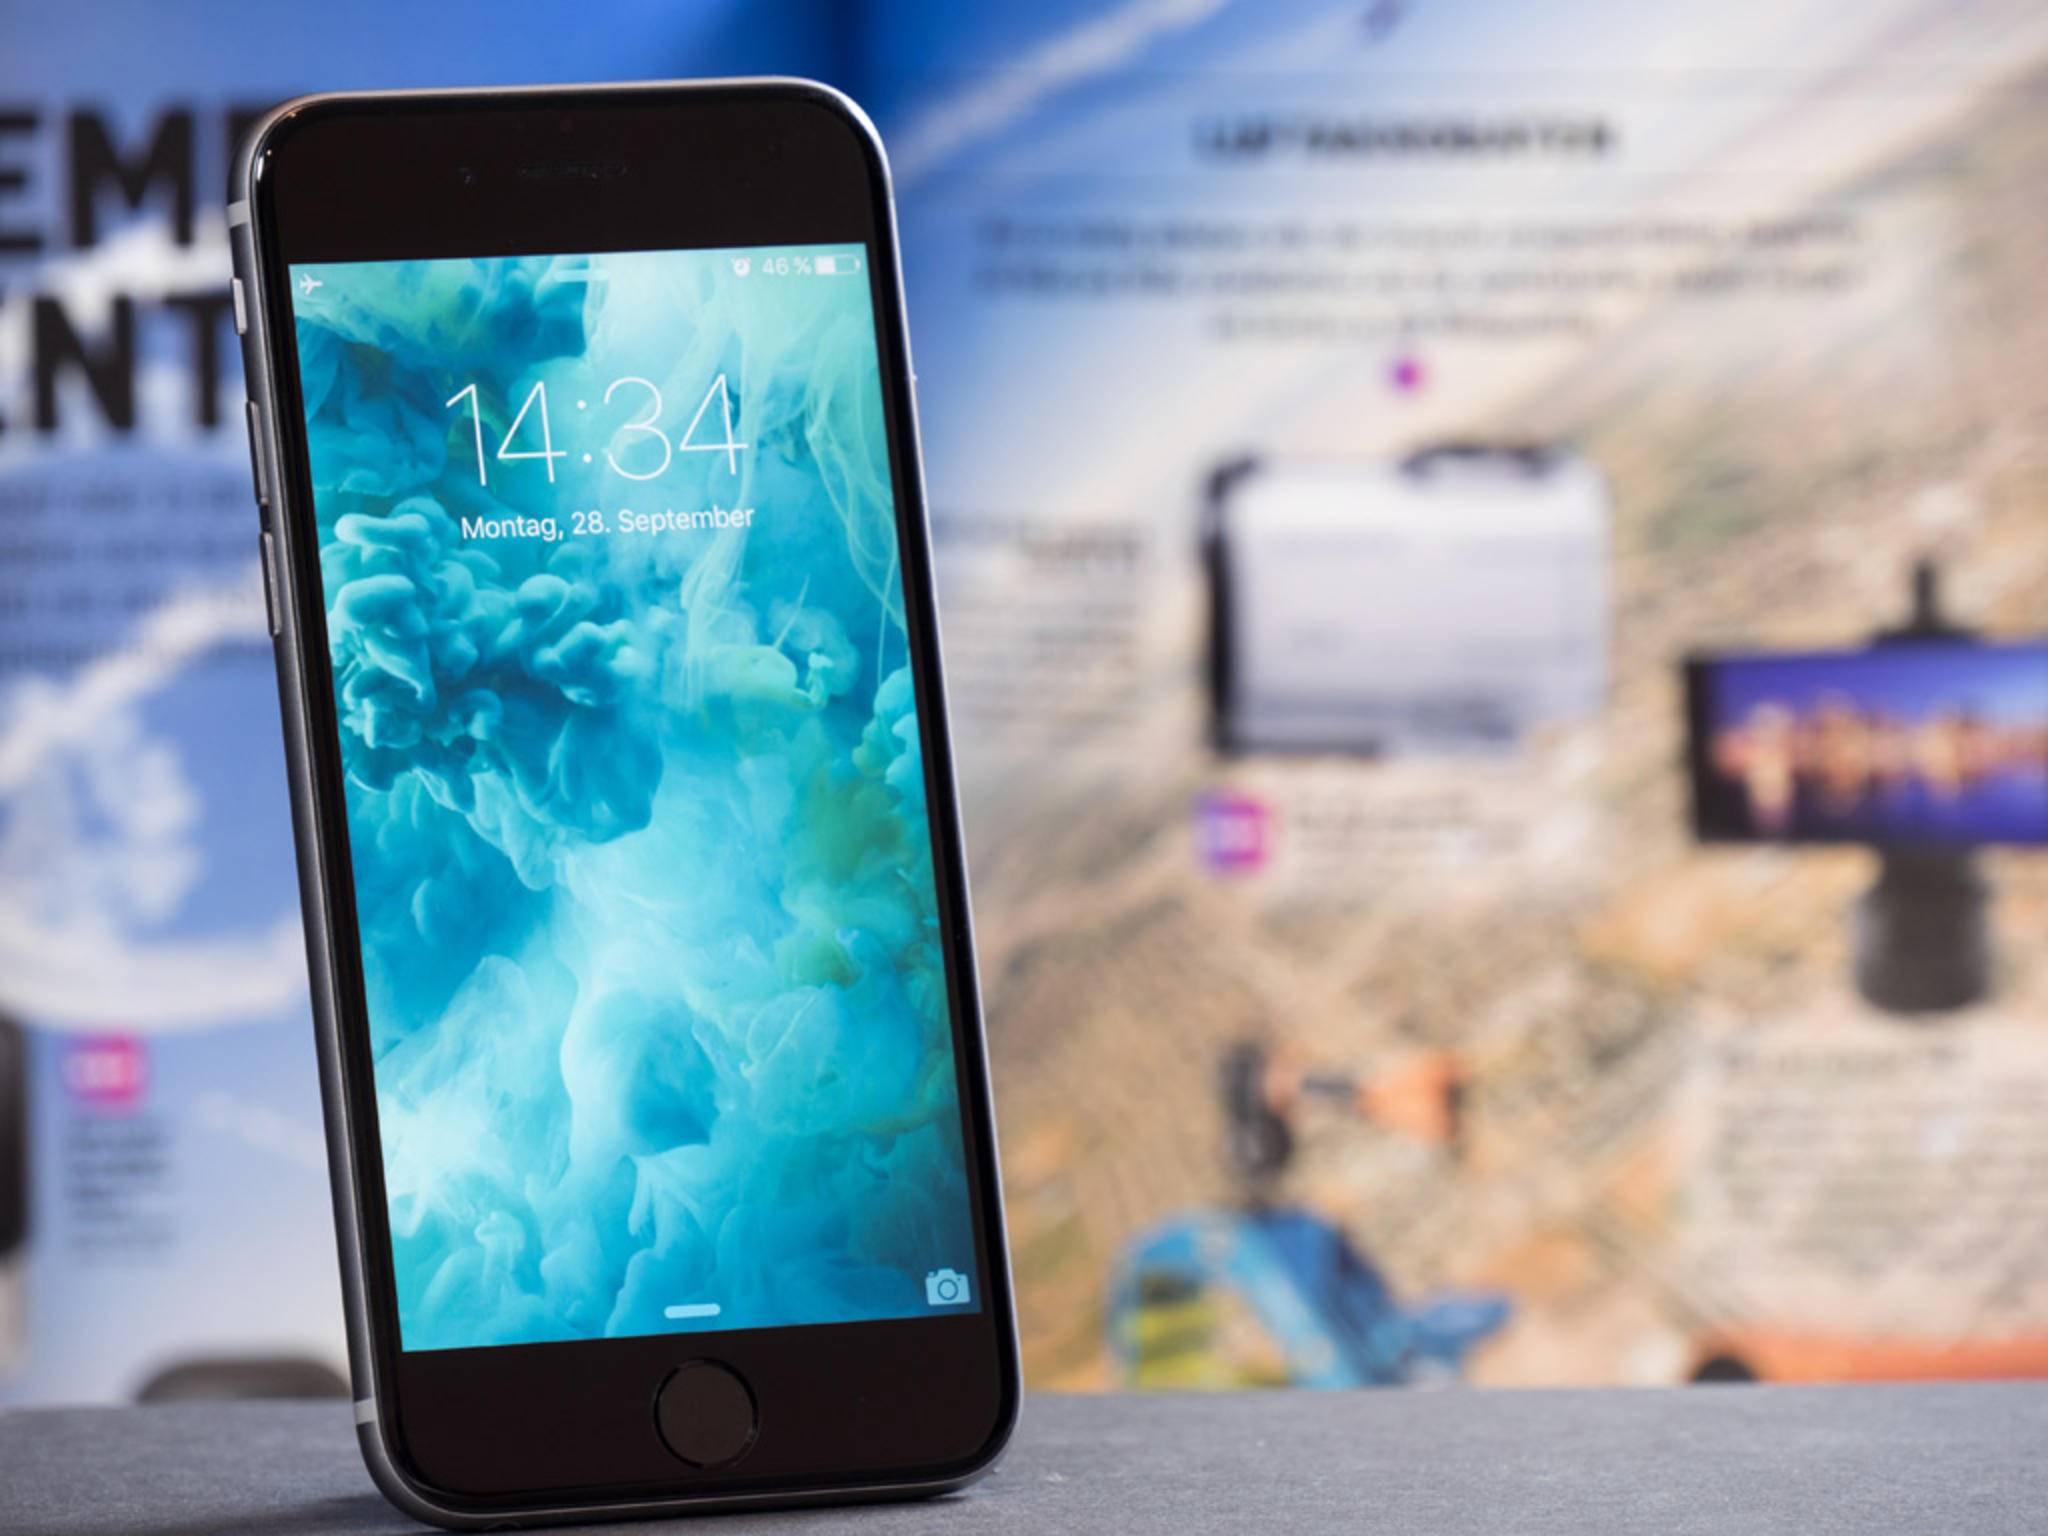 Lag anscheinend unter vielen Weihnachtsbäumen: Das iPhone 6s.